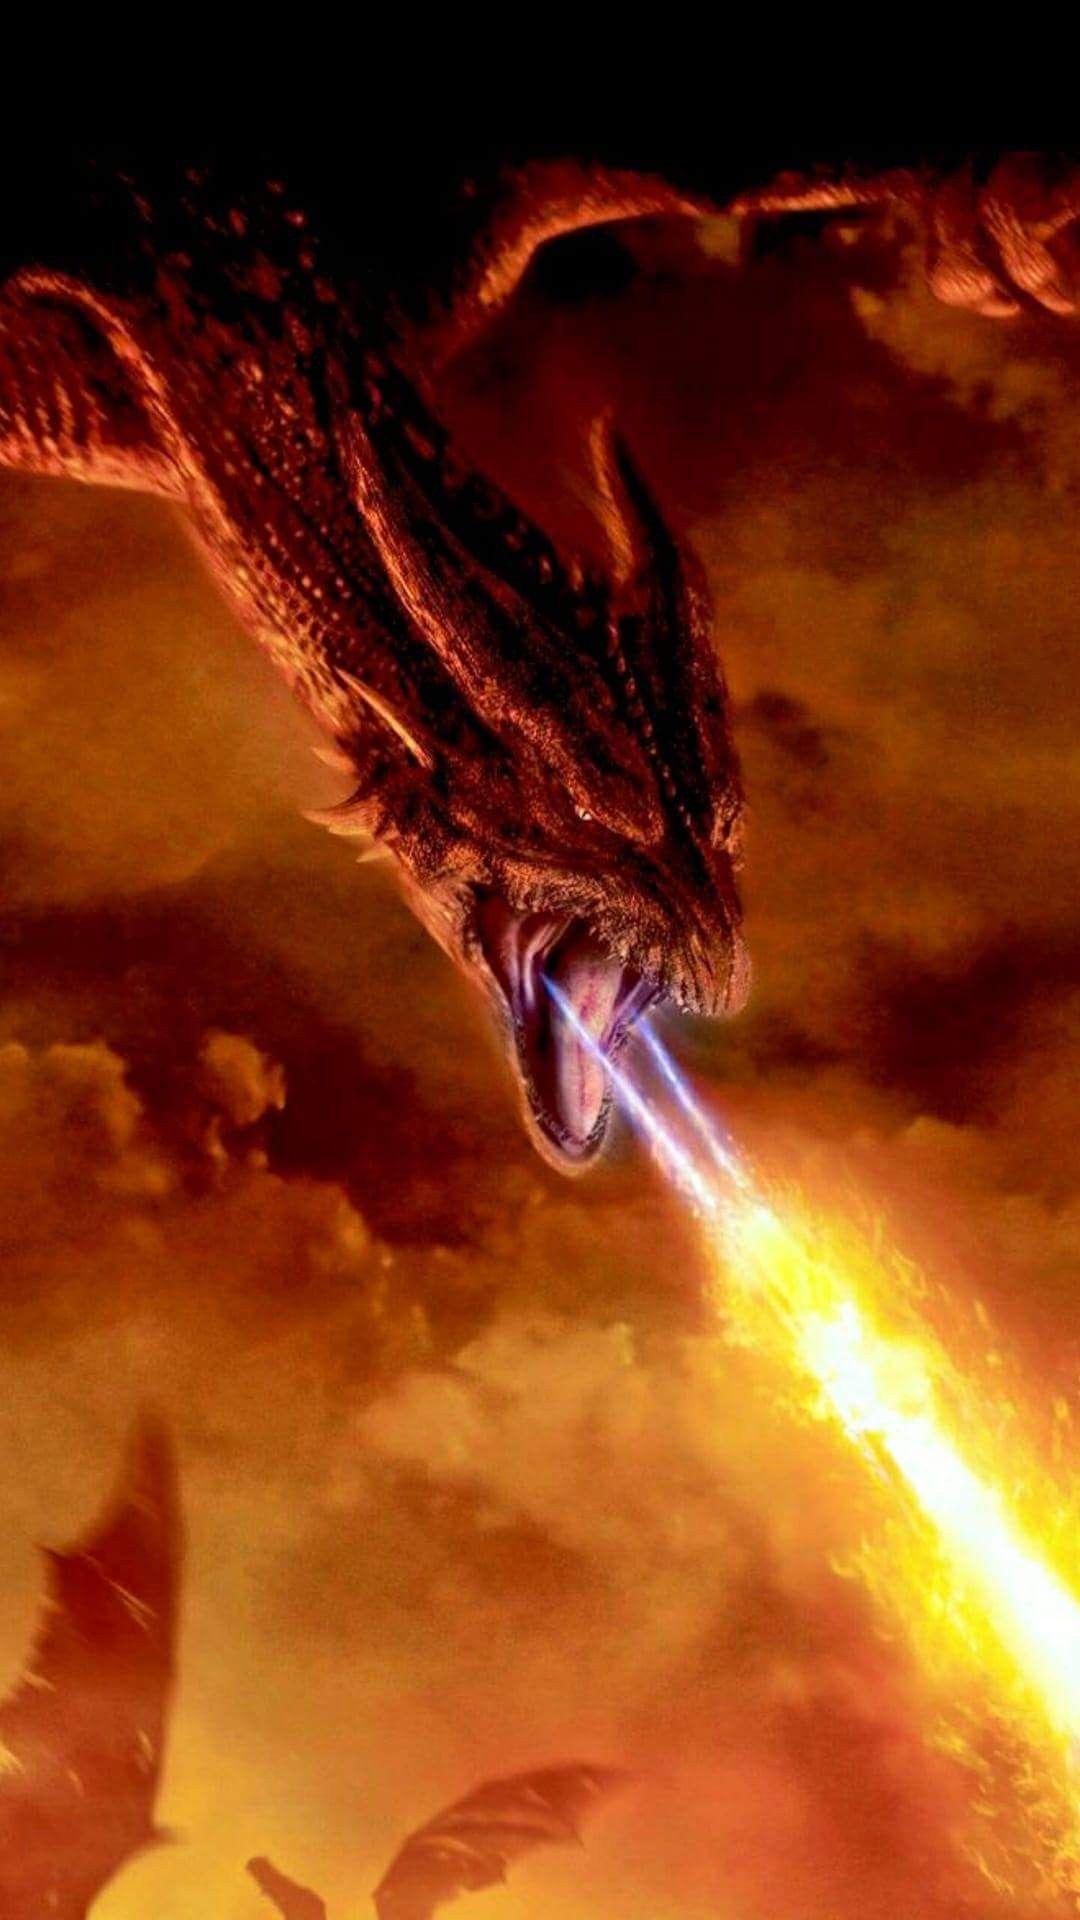 ドラゴンが口から炎を出す壁紙